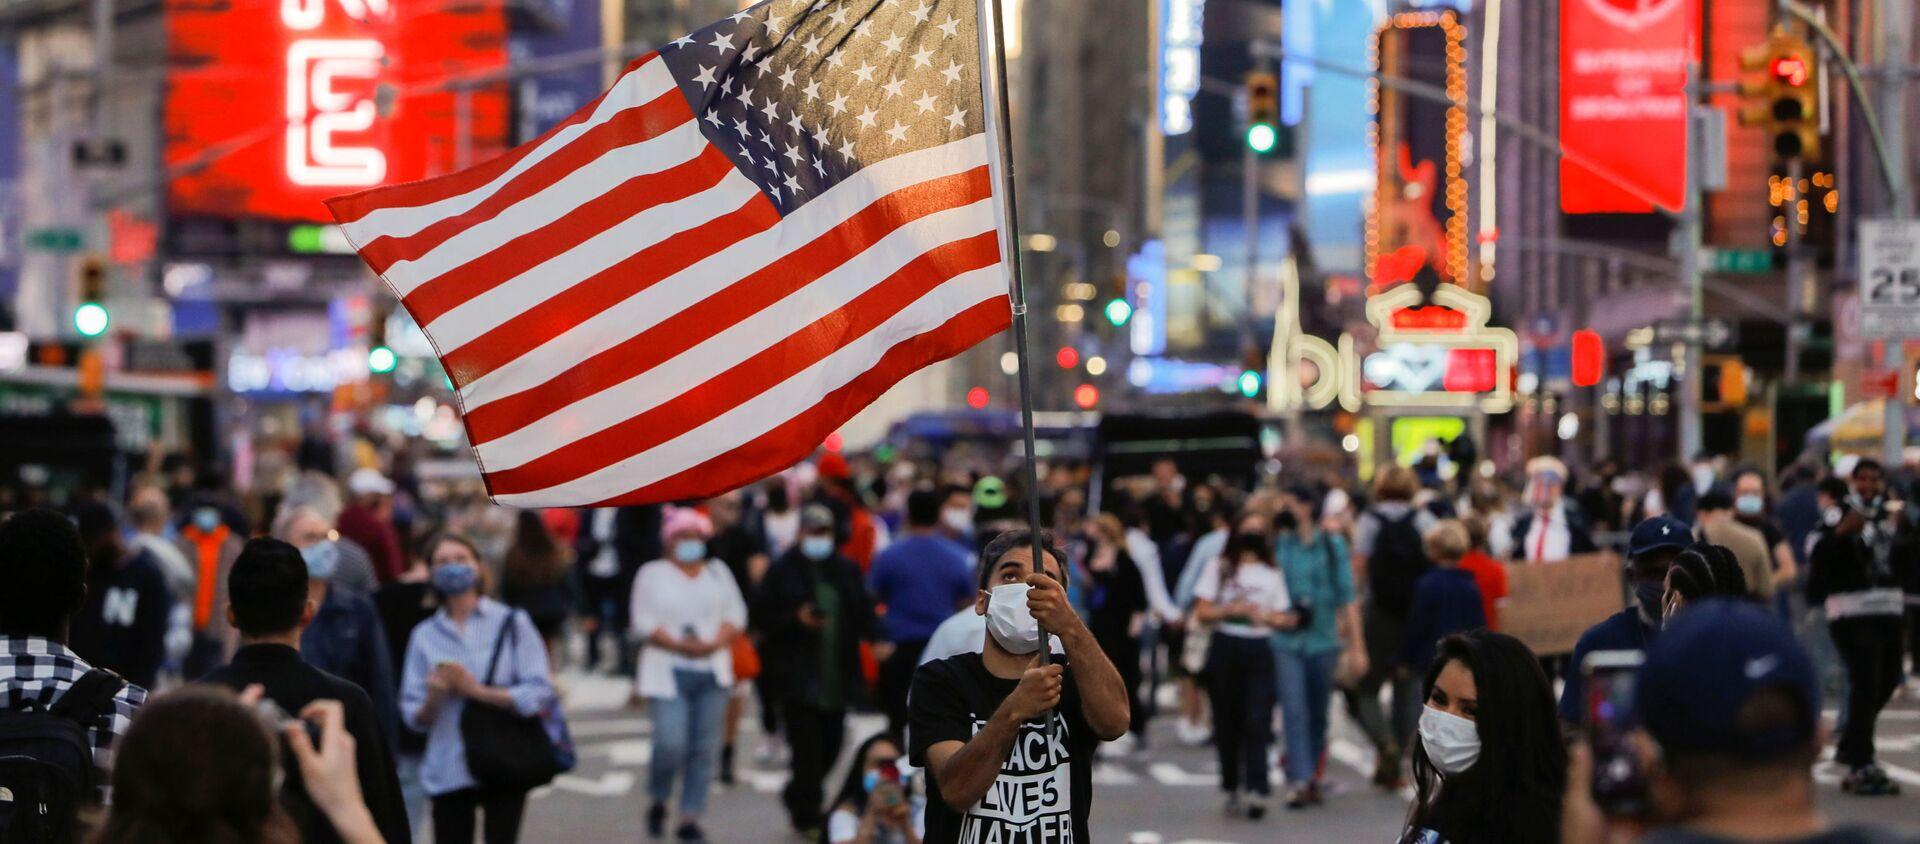 Мужчина с флагом США на Таймс-сквер в Нью-Йорке - Sputnik Узбекистан, 1920, 02.12.2020